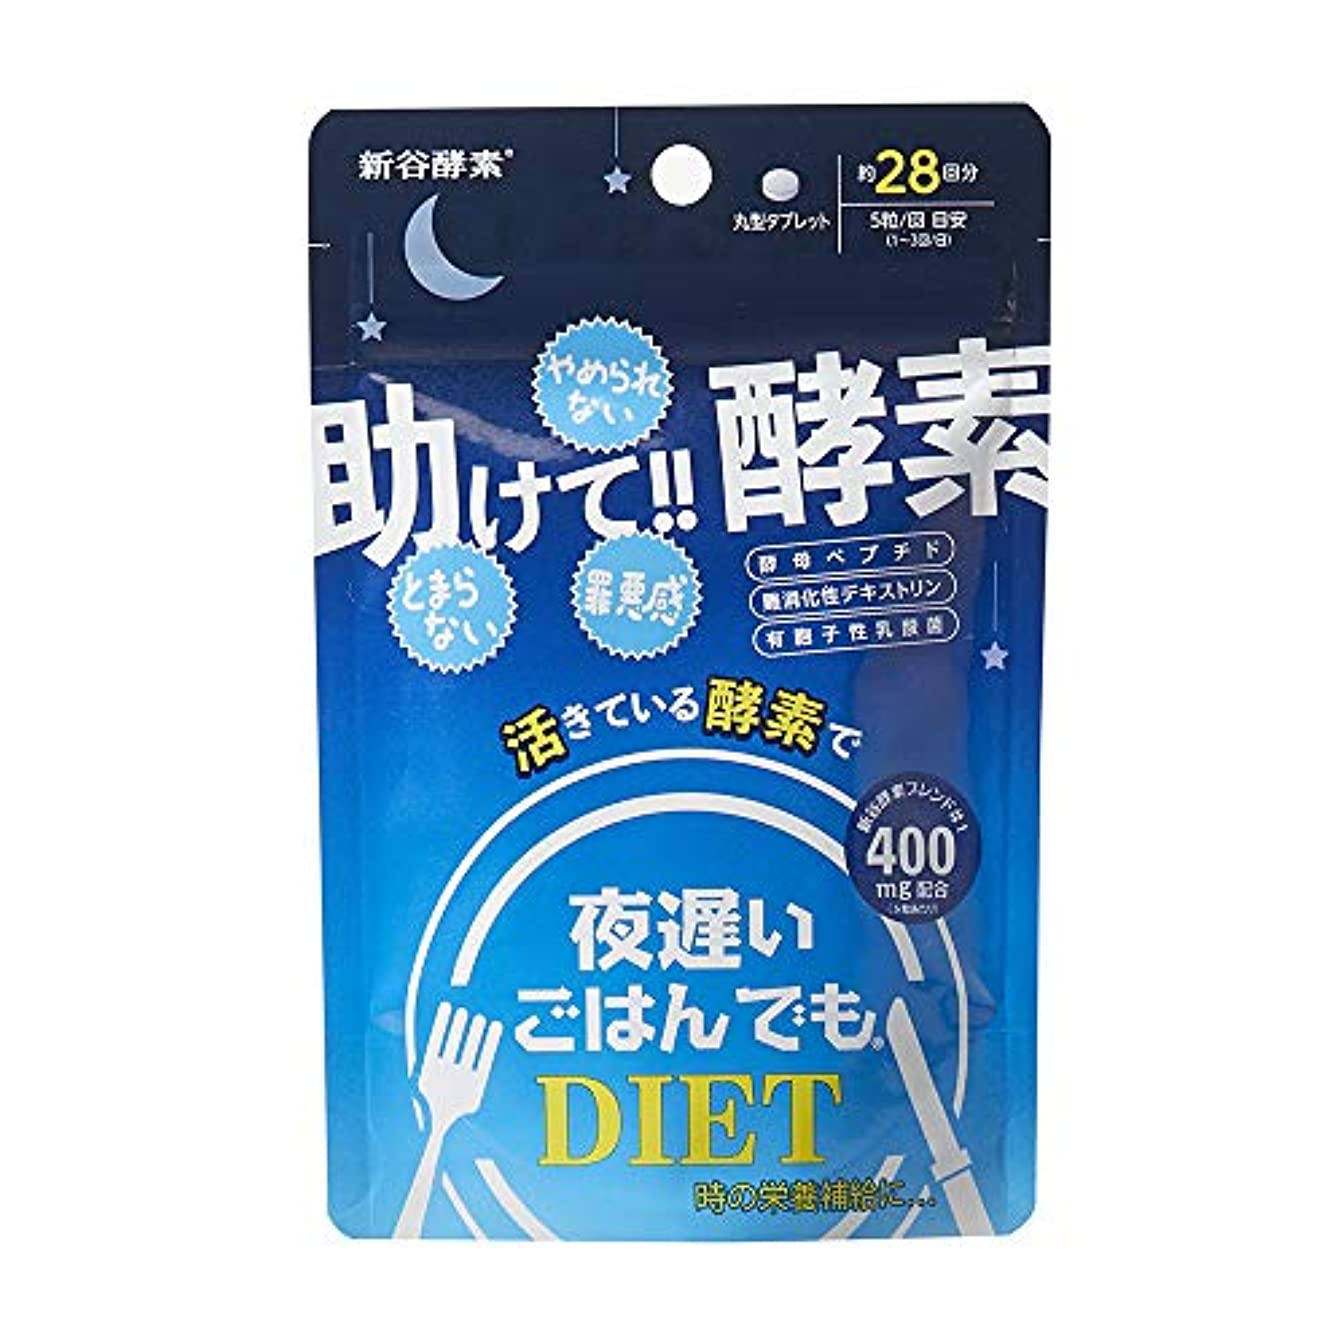 靴敬礼大騒ぎ新谷酵素 夜遅いごはんでも 助けて!! 酵素 (28回分)